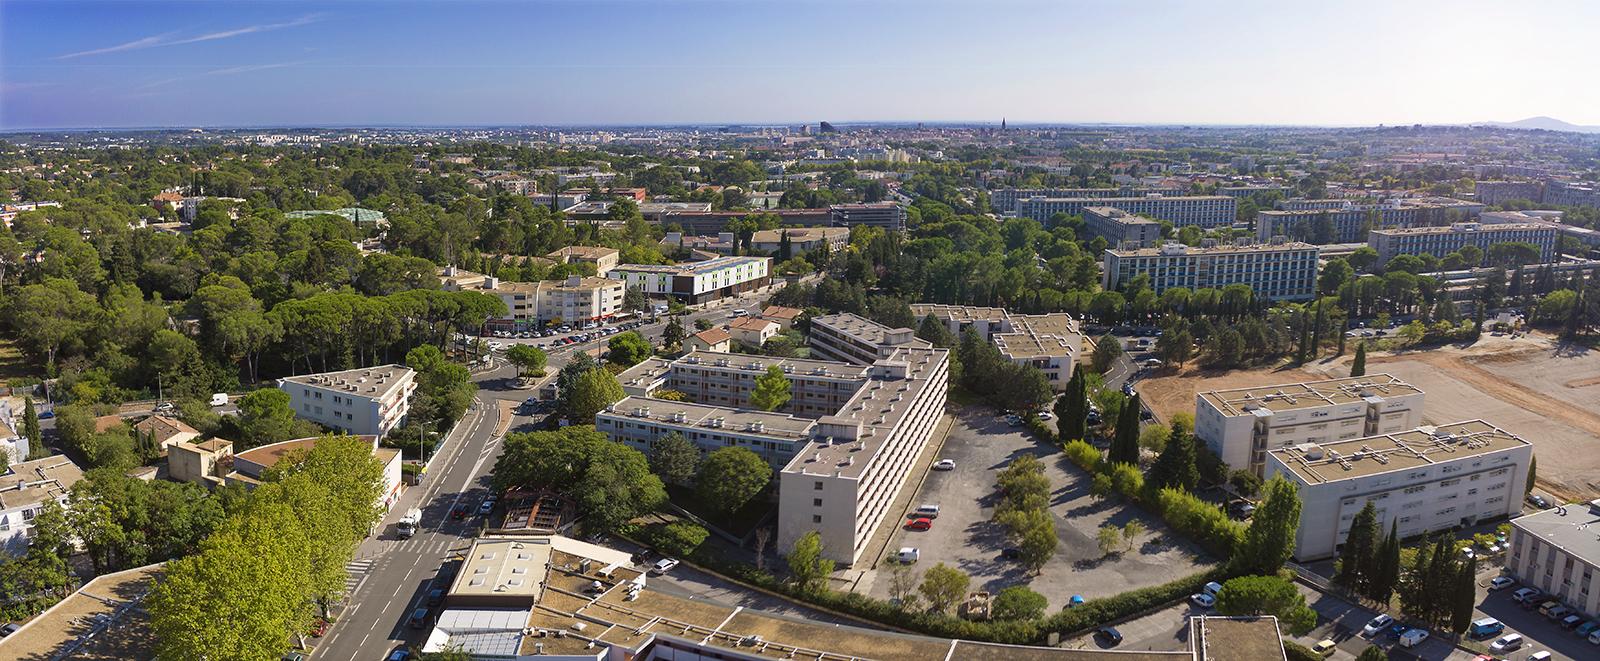 Photographie aérienne par drone présentant la rénovation de la cité étudiante Les Hirondelles à Montpellier.